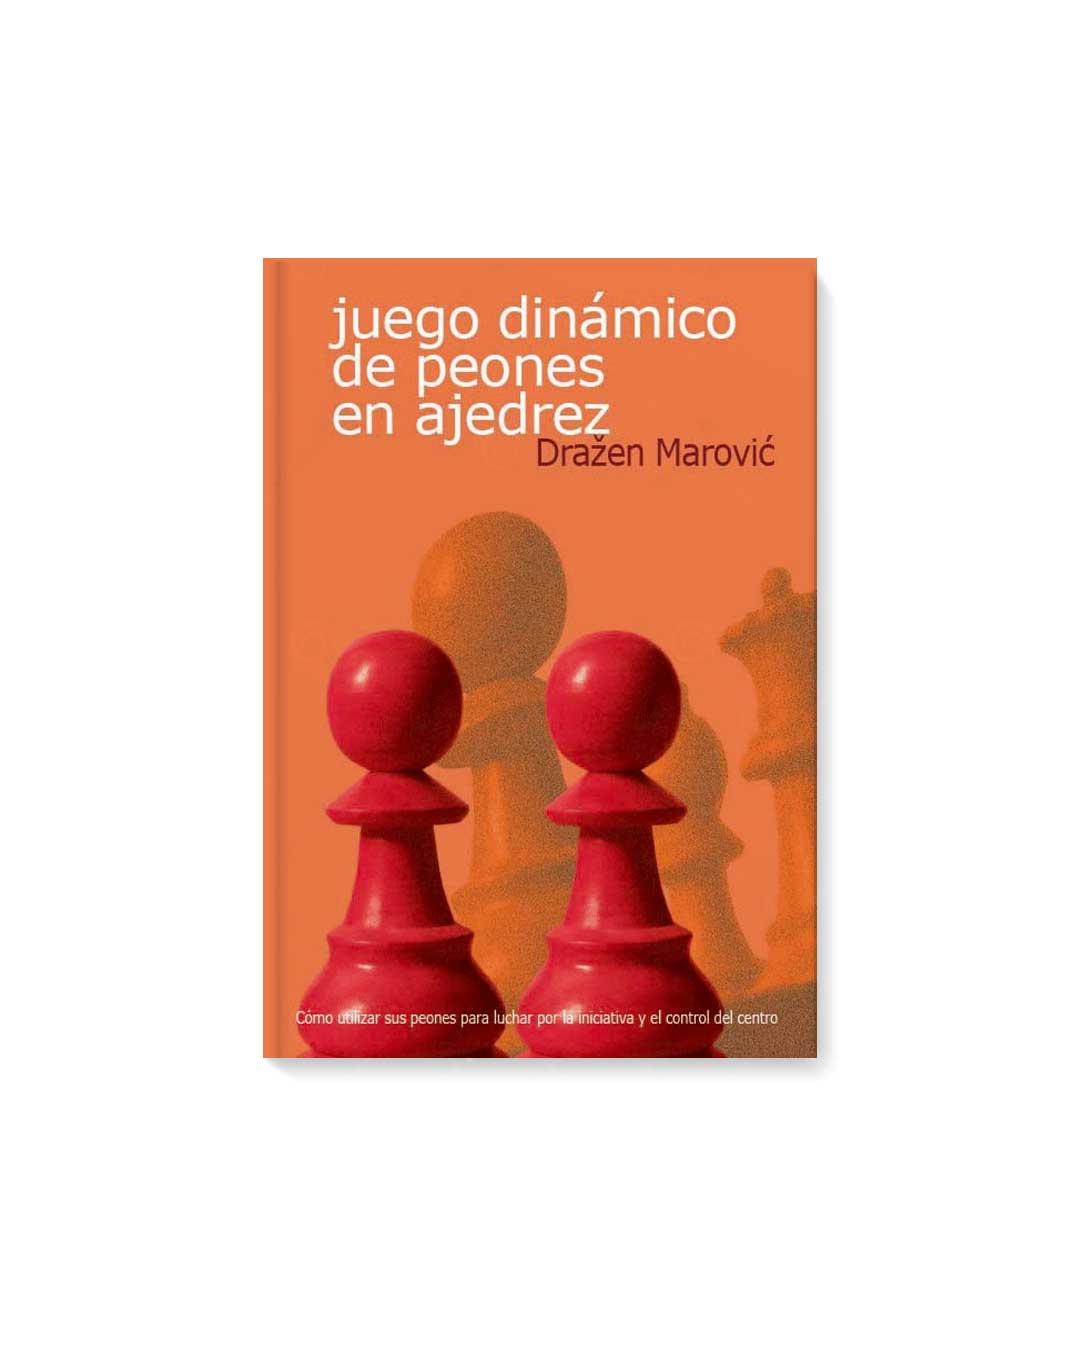 Juego dinámico de peones en ajedrez